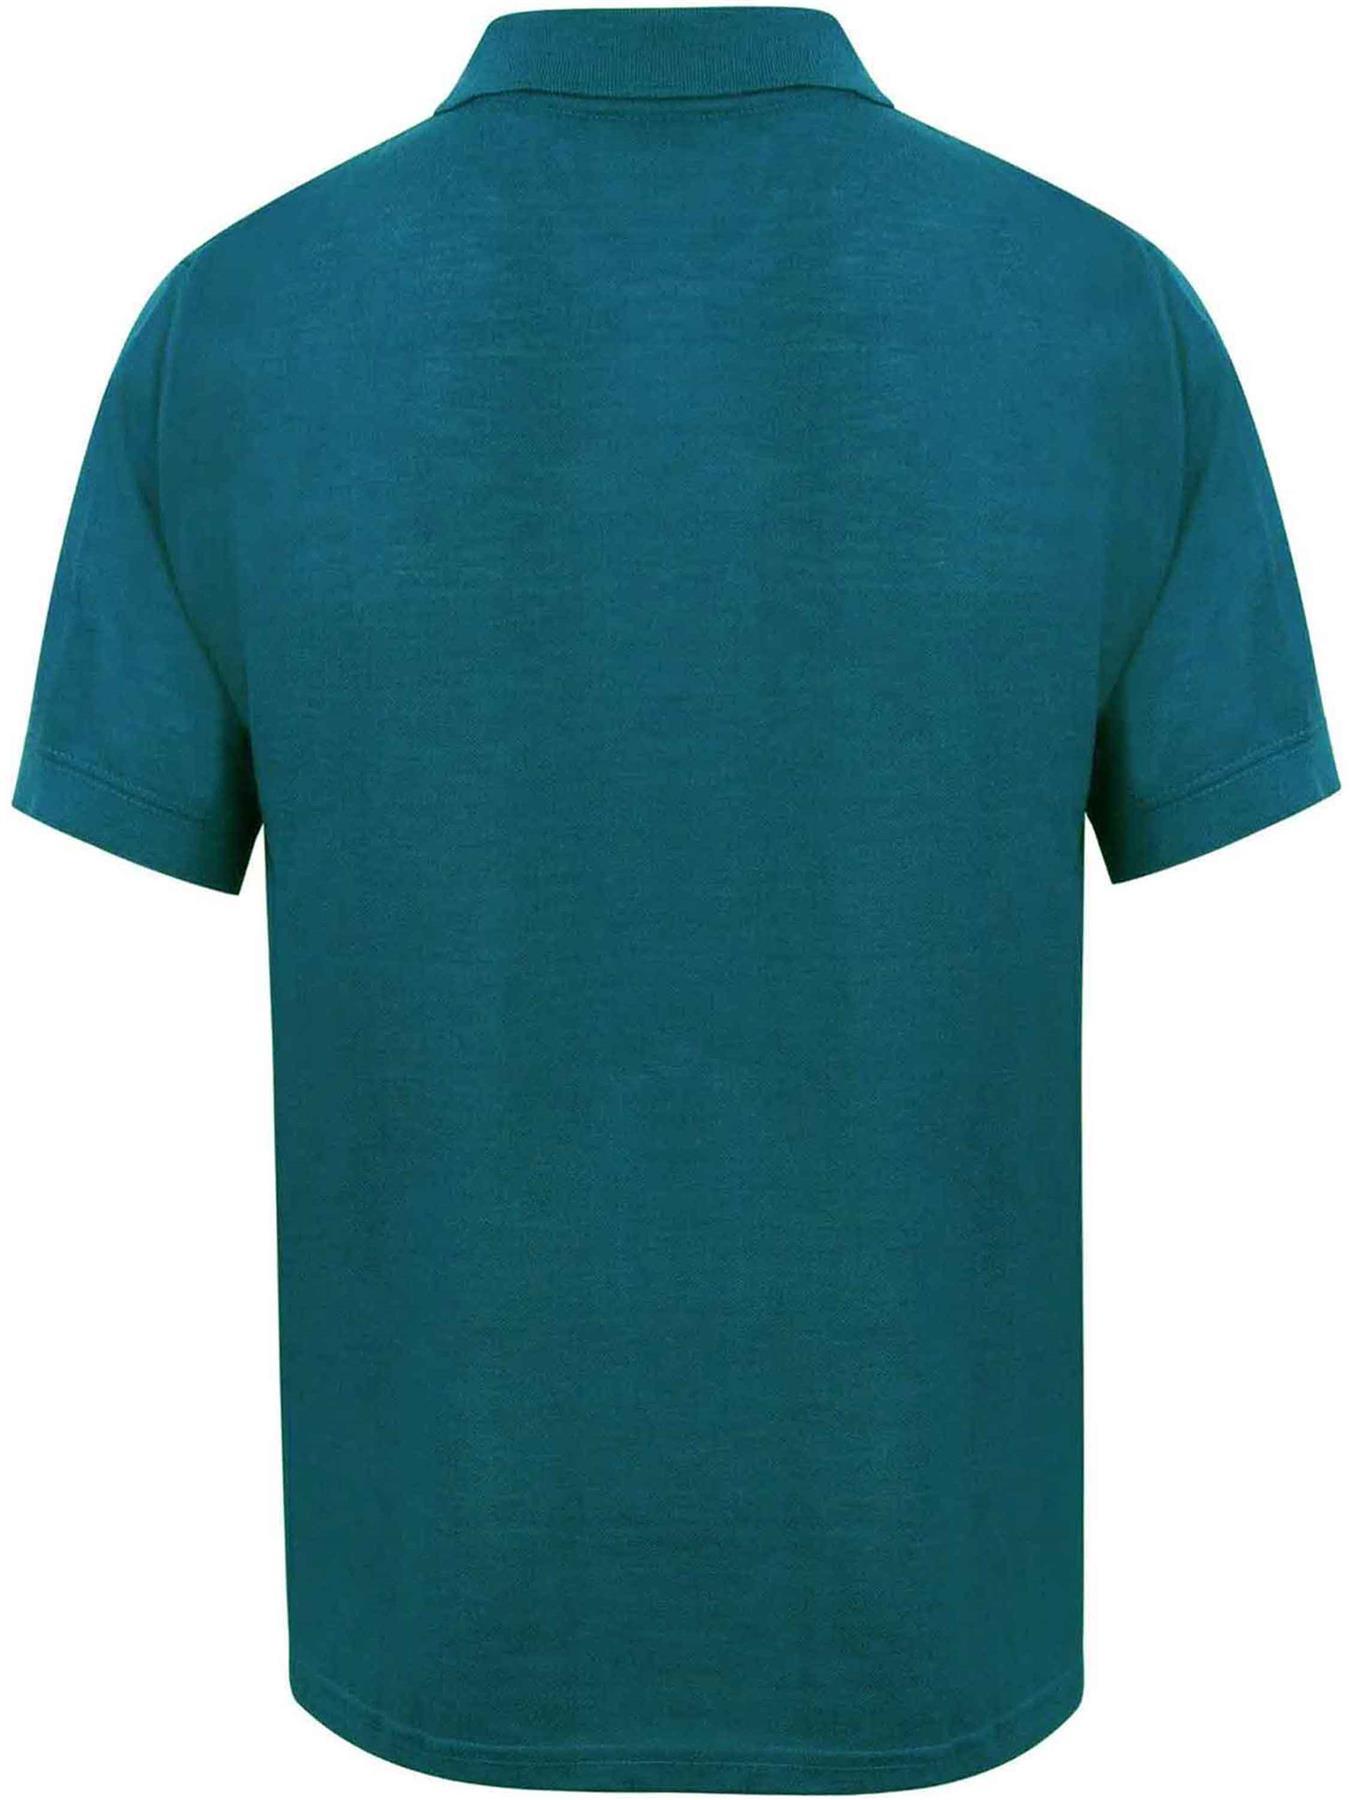 Indexbild 36 - Herren Polohemd Freizeit T-Shirts Neu Schlicht Kurzärmeliges Regular Fit